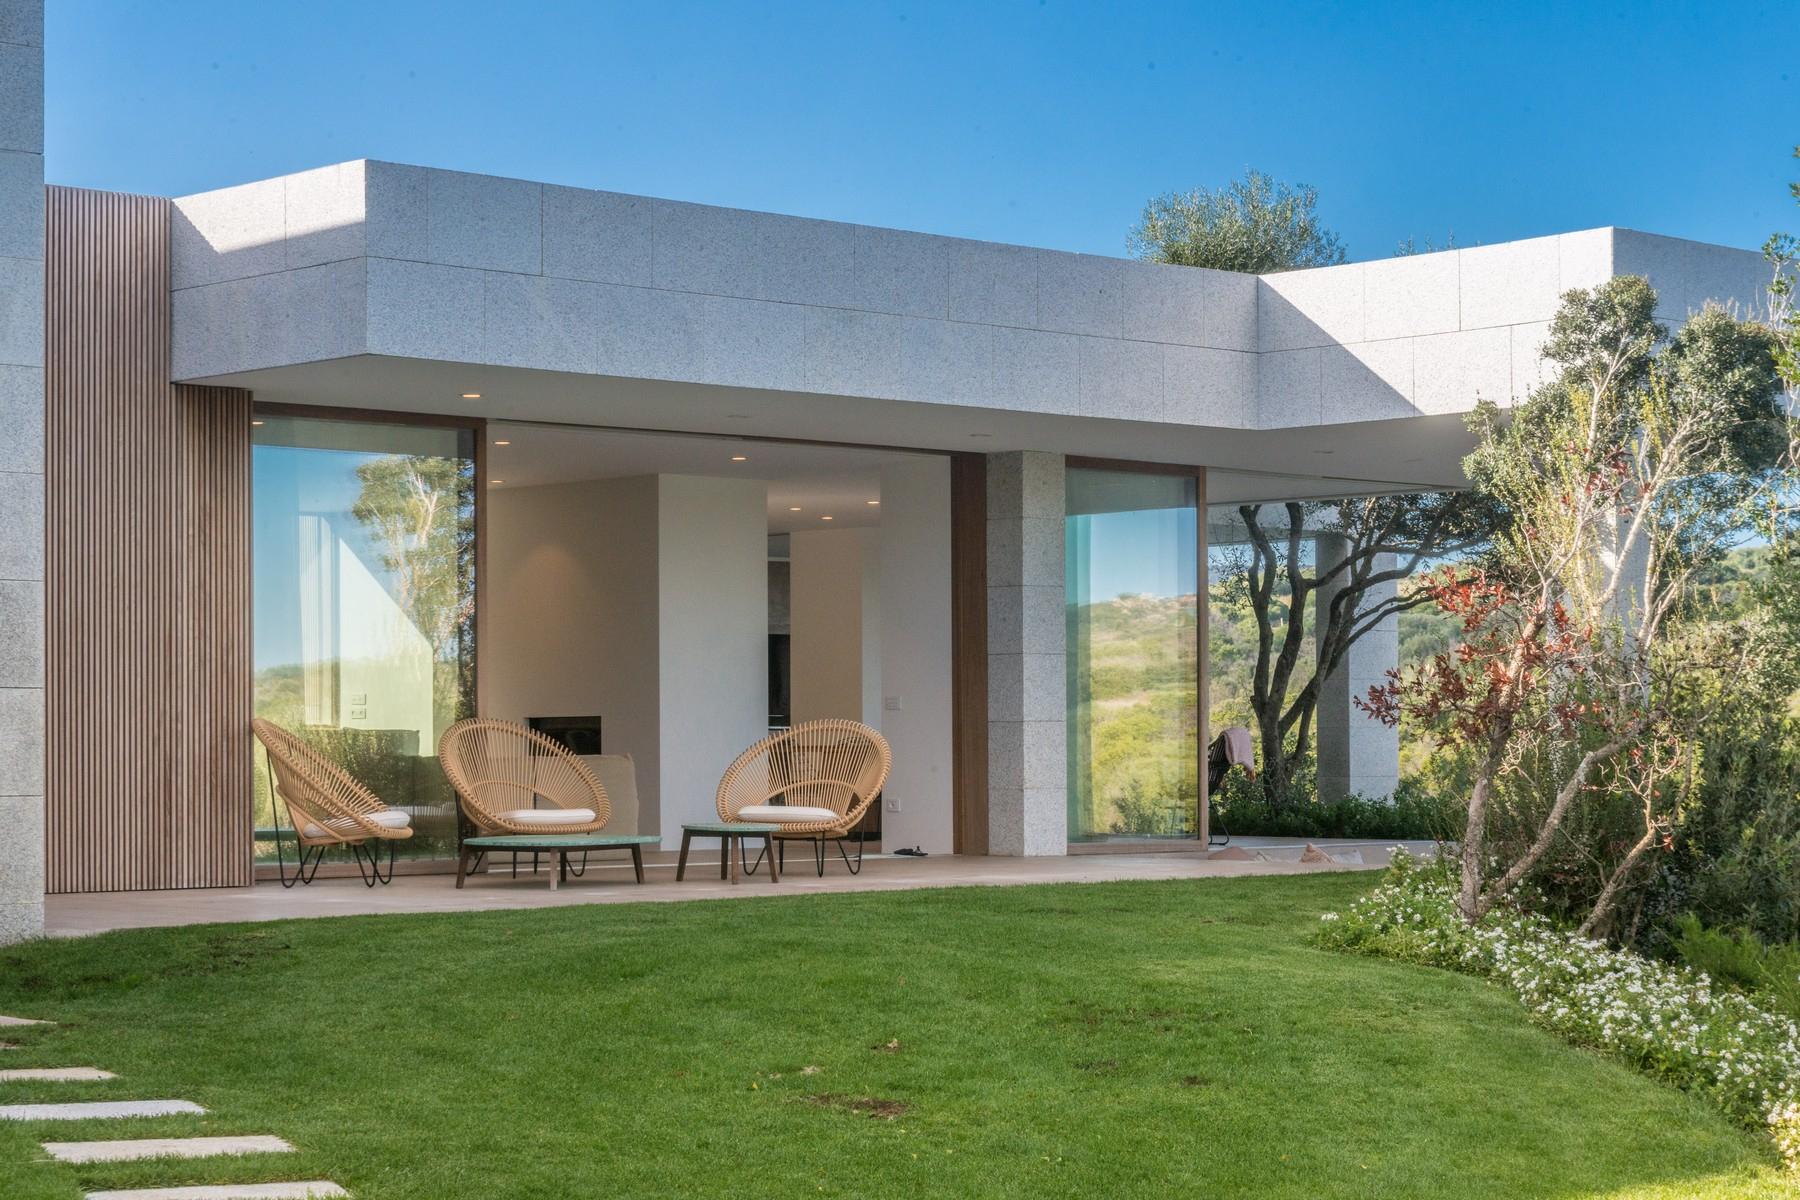 Villa in Vendita a Santa Teresa Gallura: 5 locali, 350 mq - Foto 22